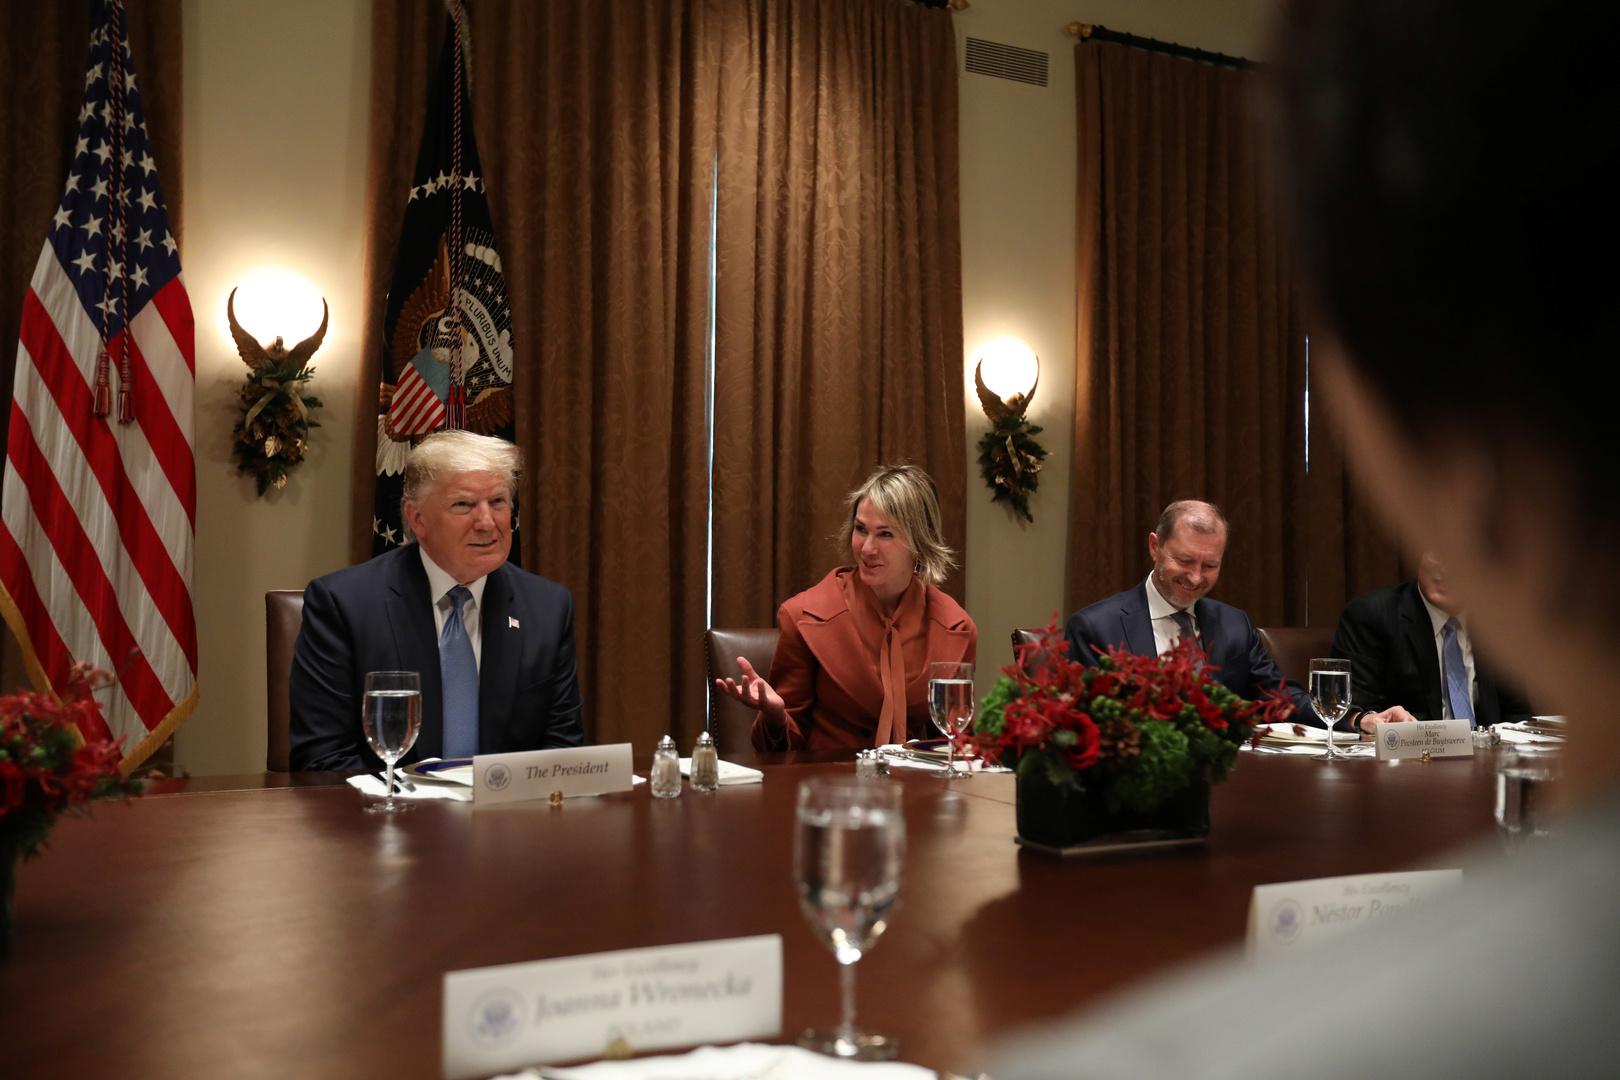 ترامب يتحدث عن أكبر 3 تحديات عالمية ويدعو مجلس الأمن لبحث الوضع في إيران